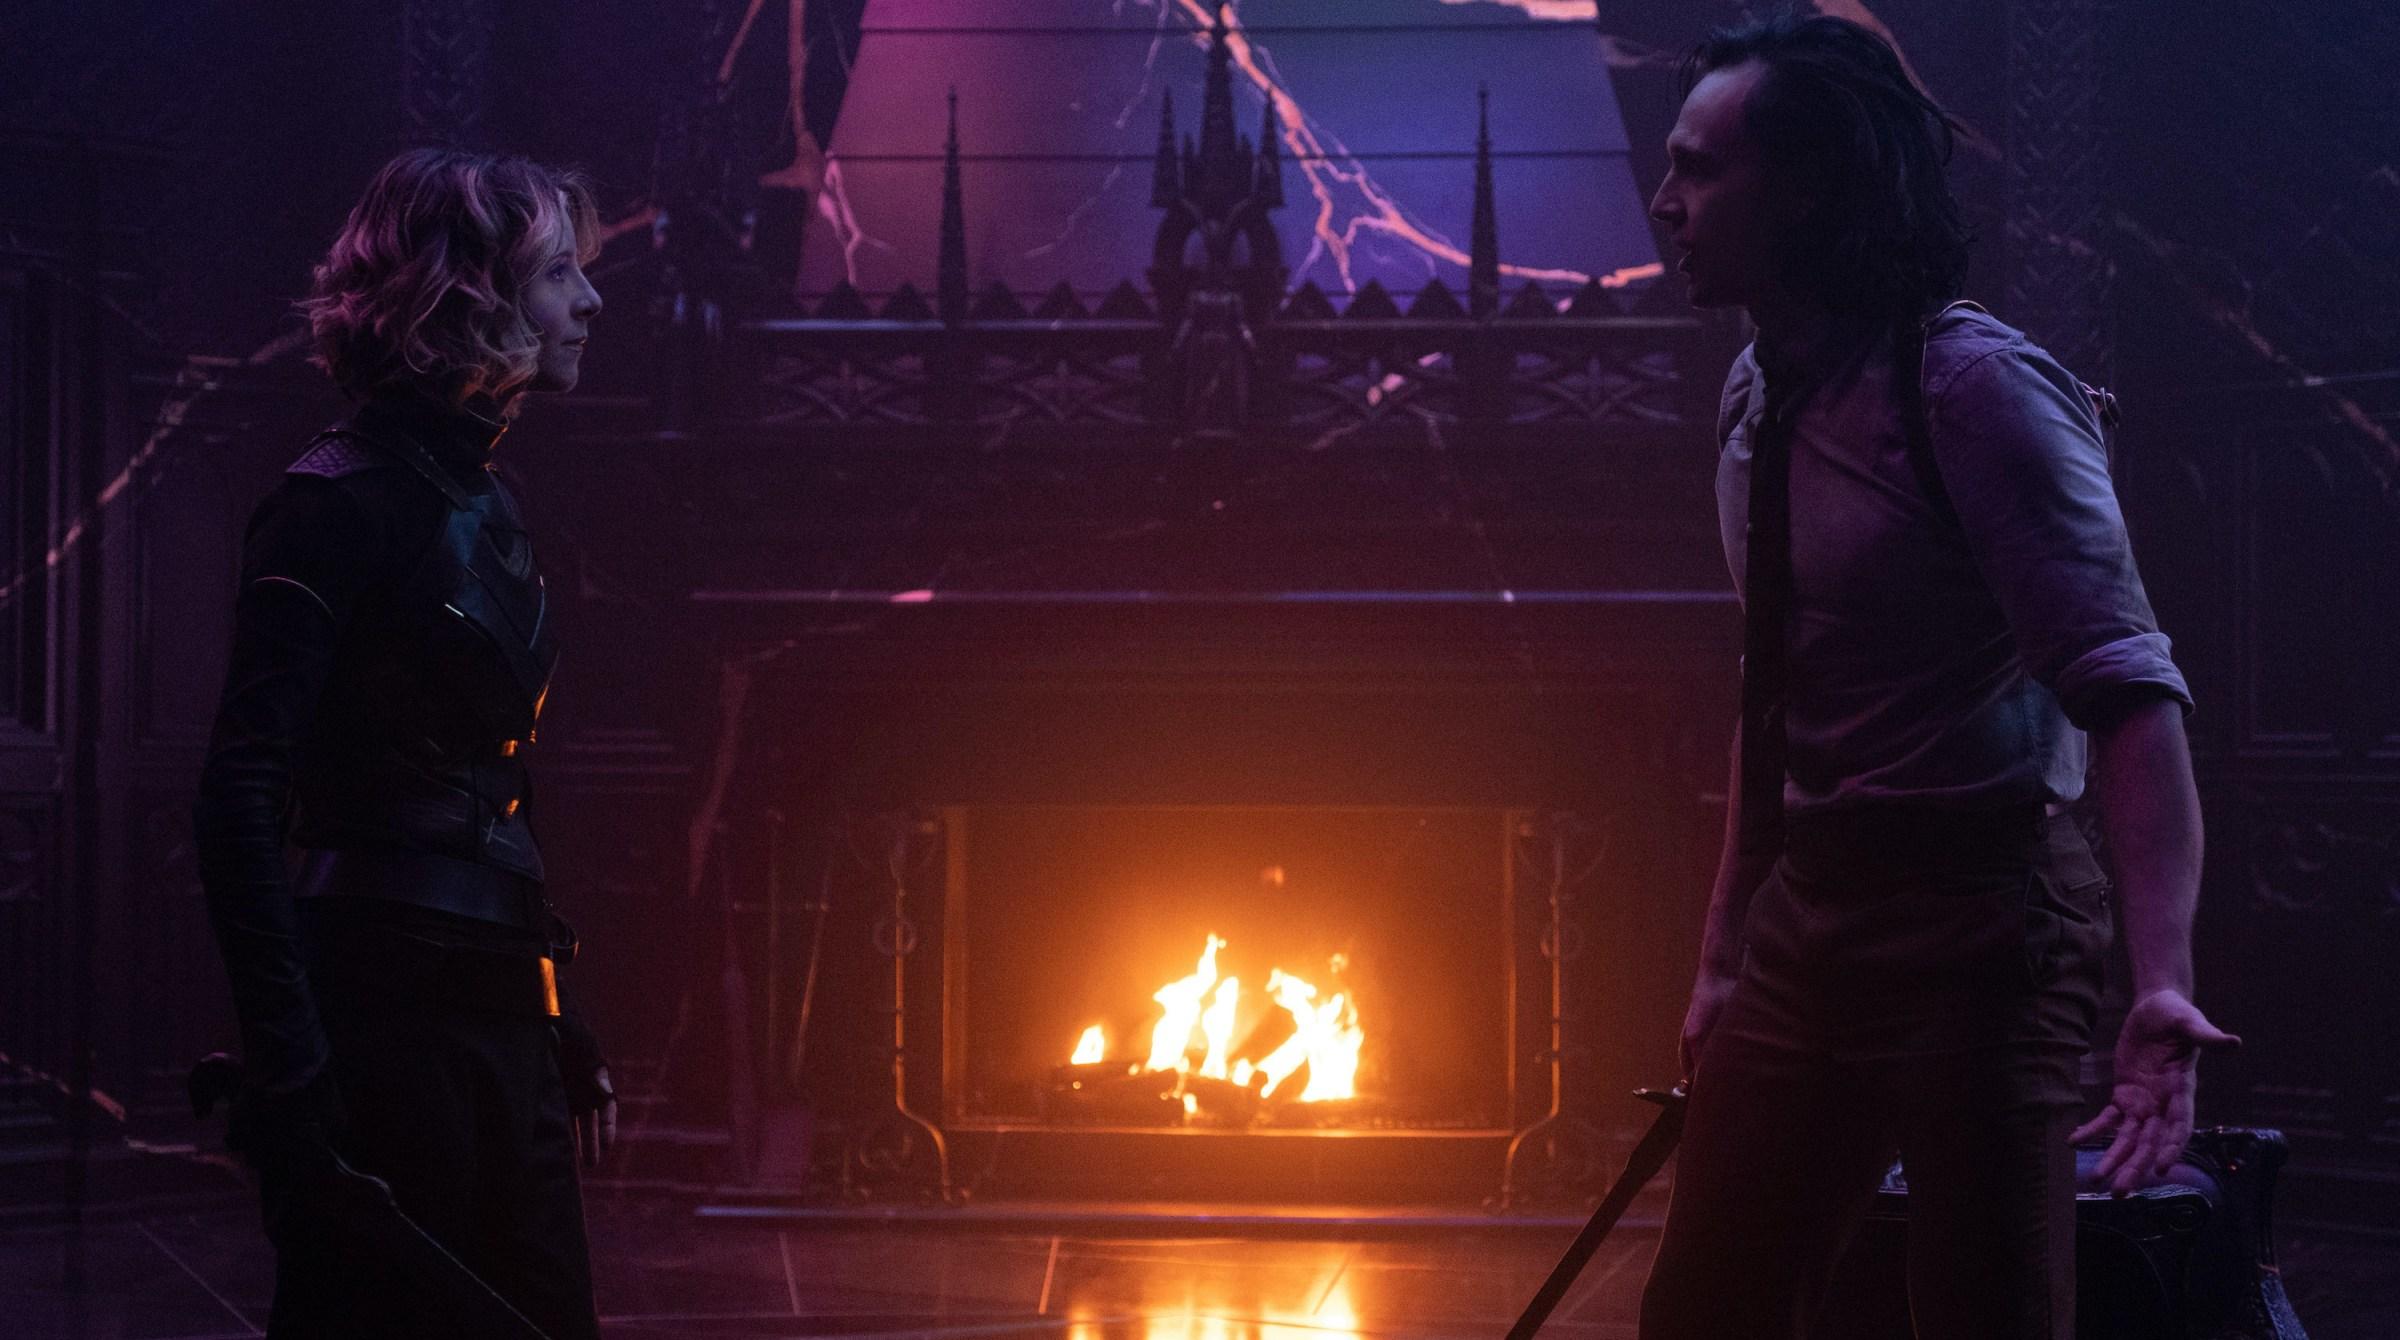 Sylvie (Sophia Di Martino) and Loki (Tom Hiddleston) in Marvel Studios' LOKI